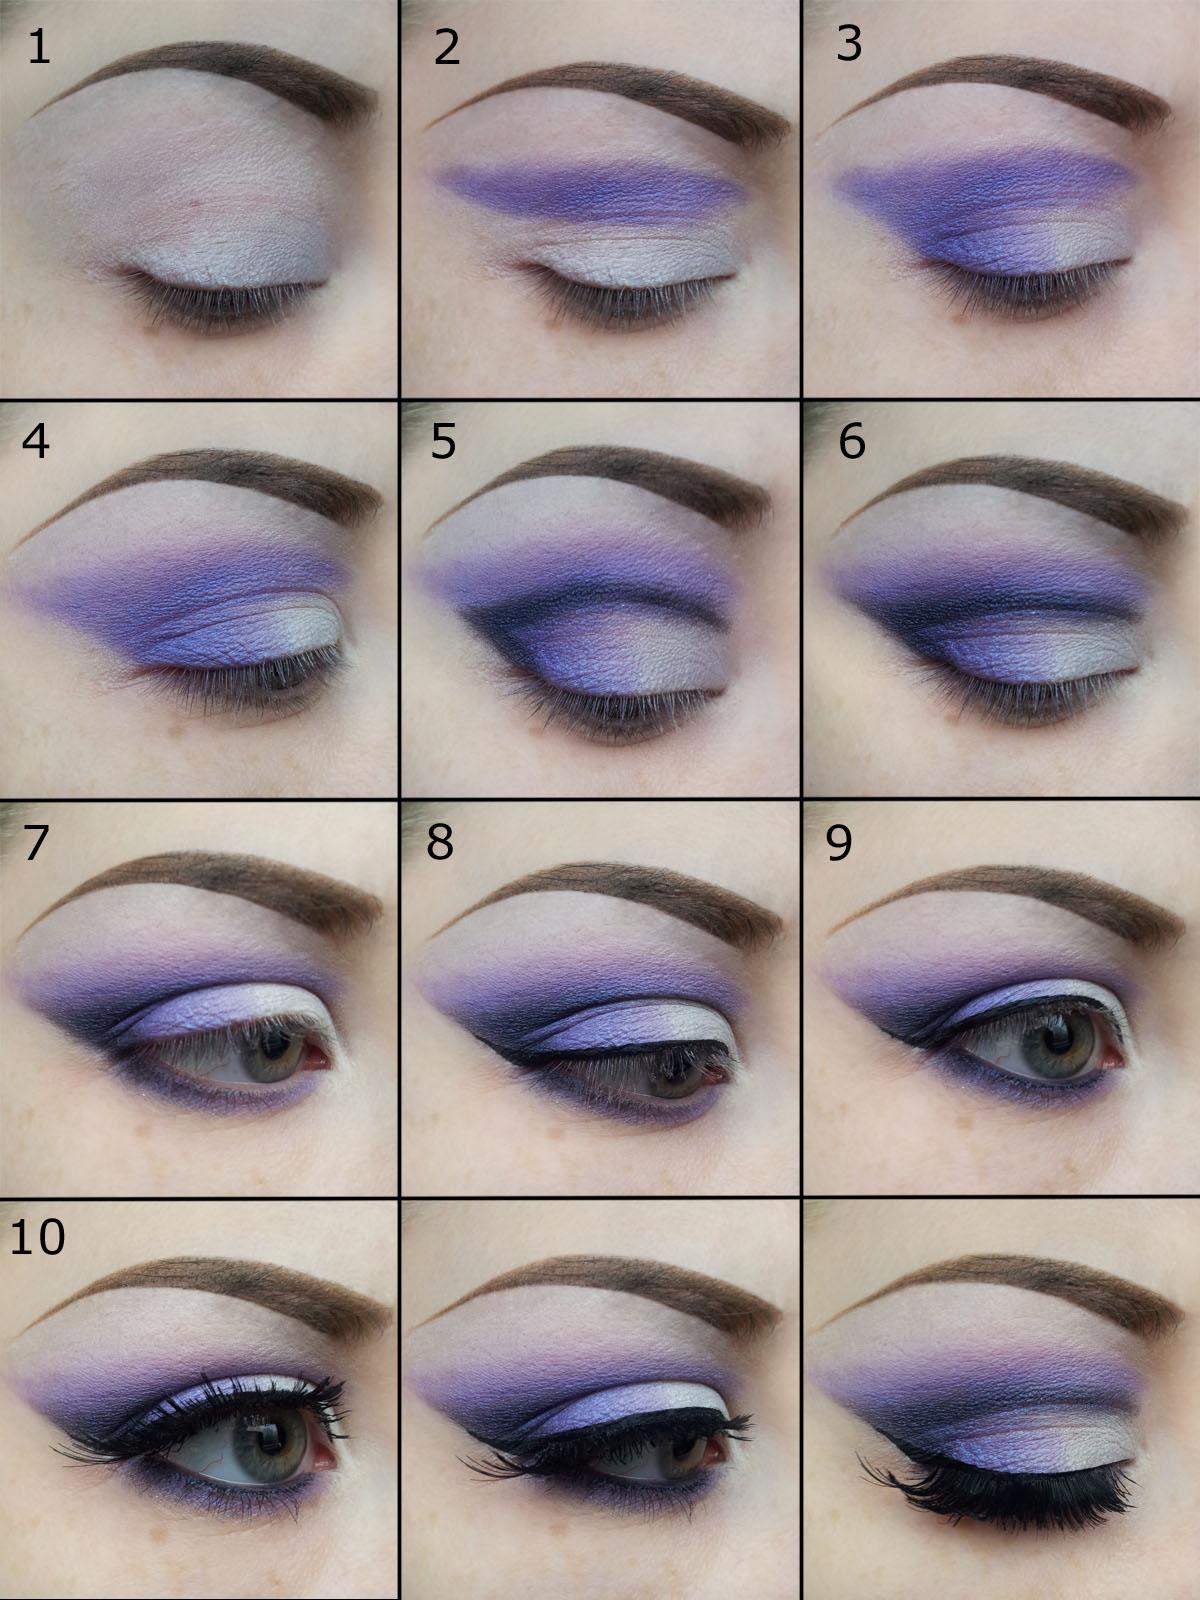 Смоки айс с фиолетовыми тенями пошагово